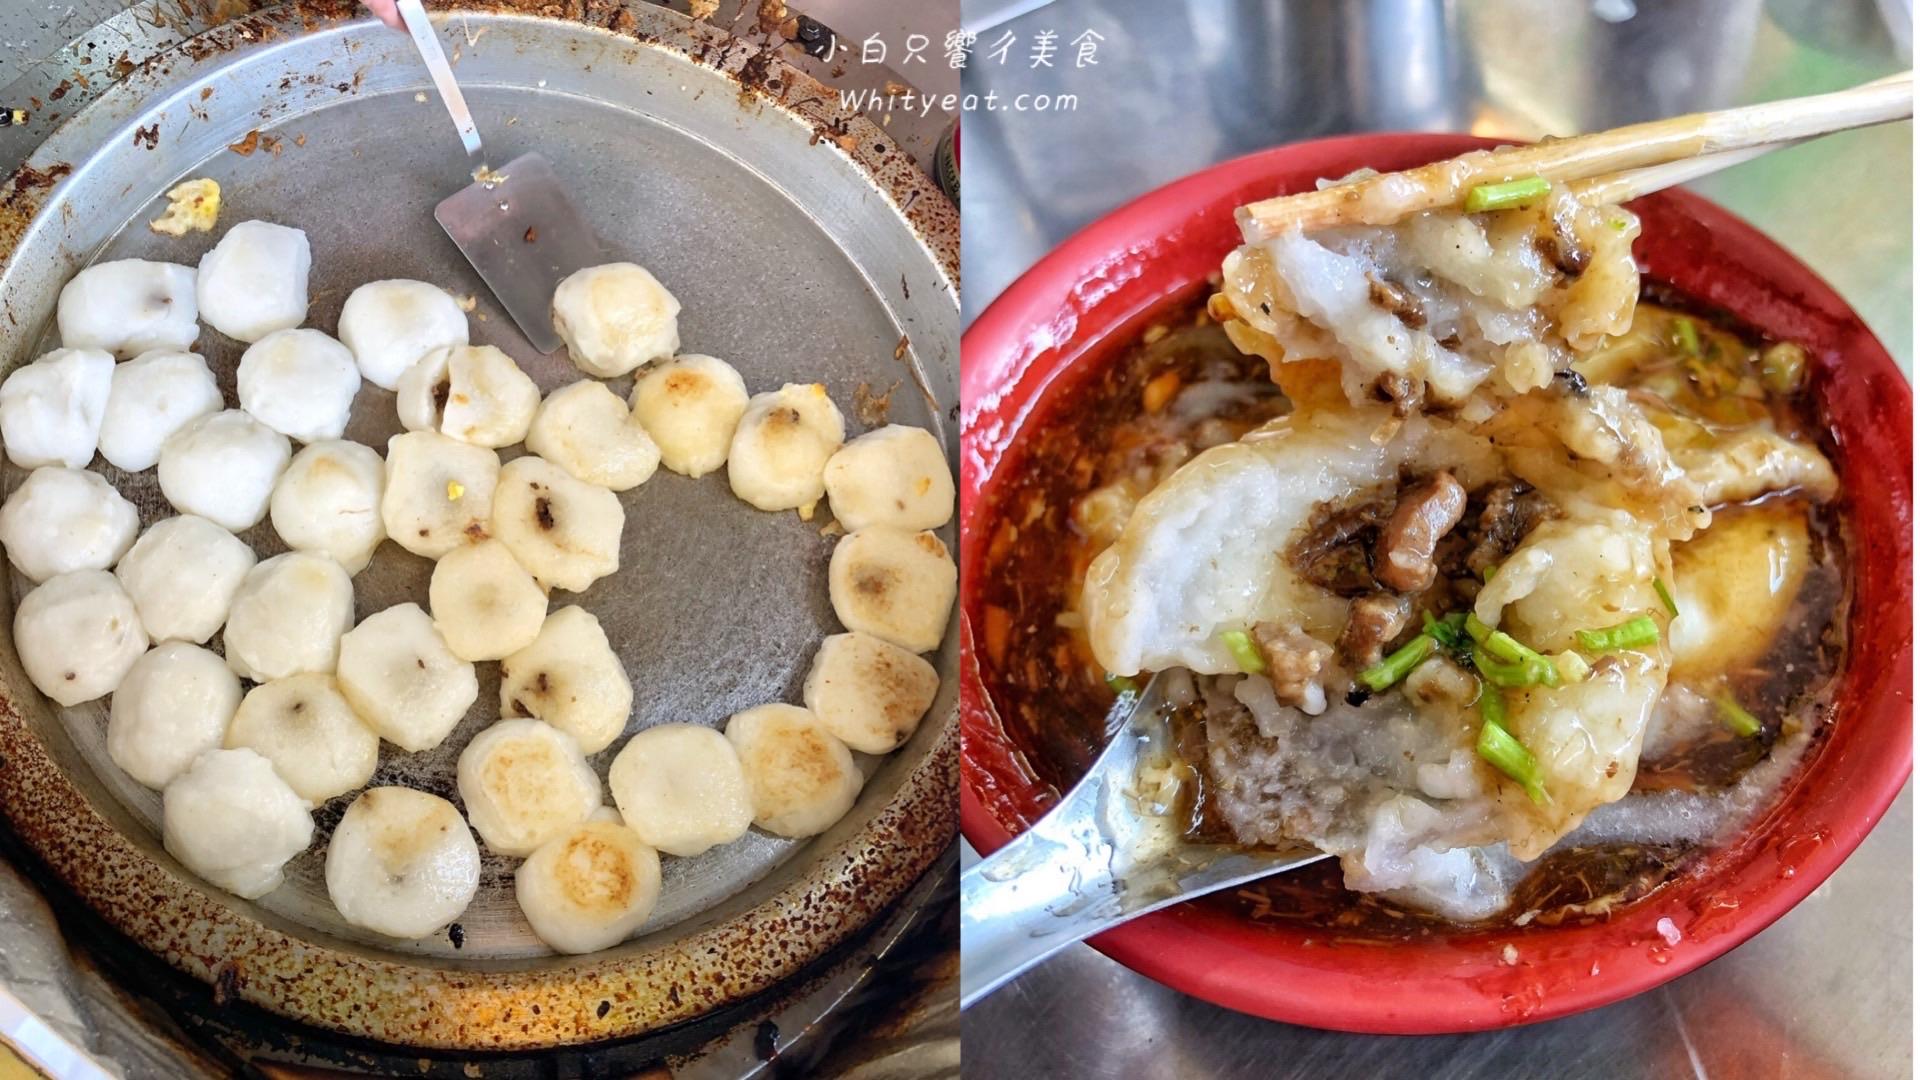 【台南美食】延平市場粿仔嬤  肉粿+蛋銅板價有找 懷念的古早 台南煎粿